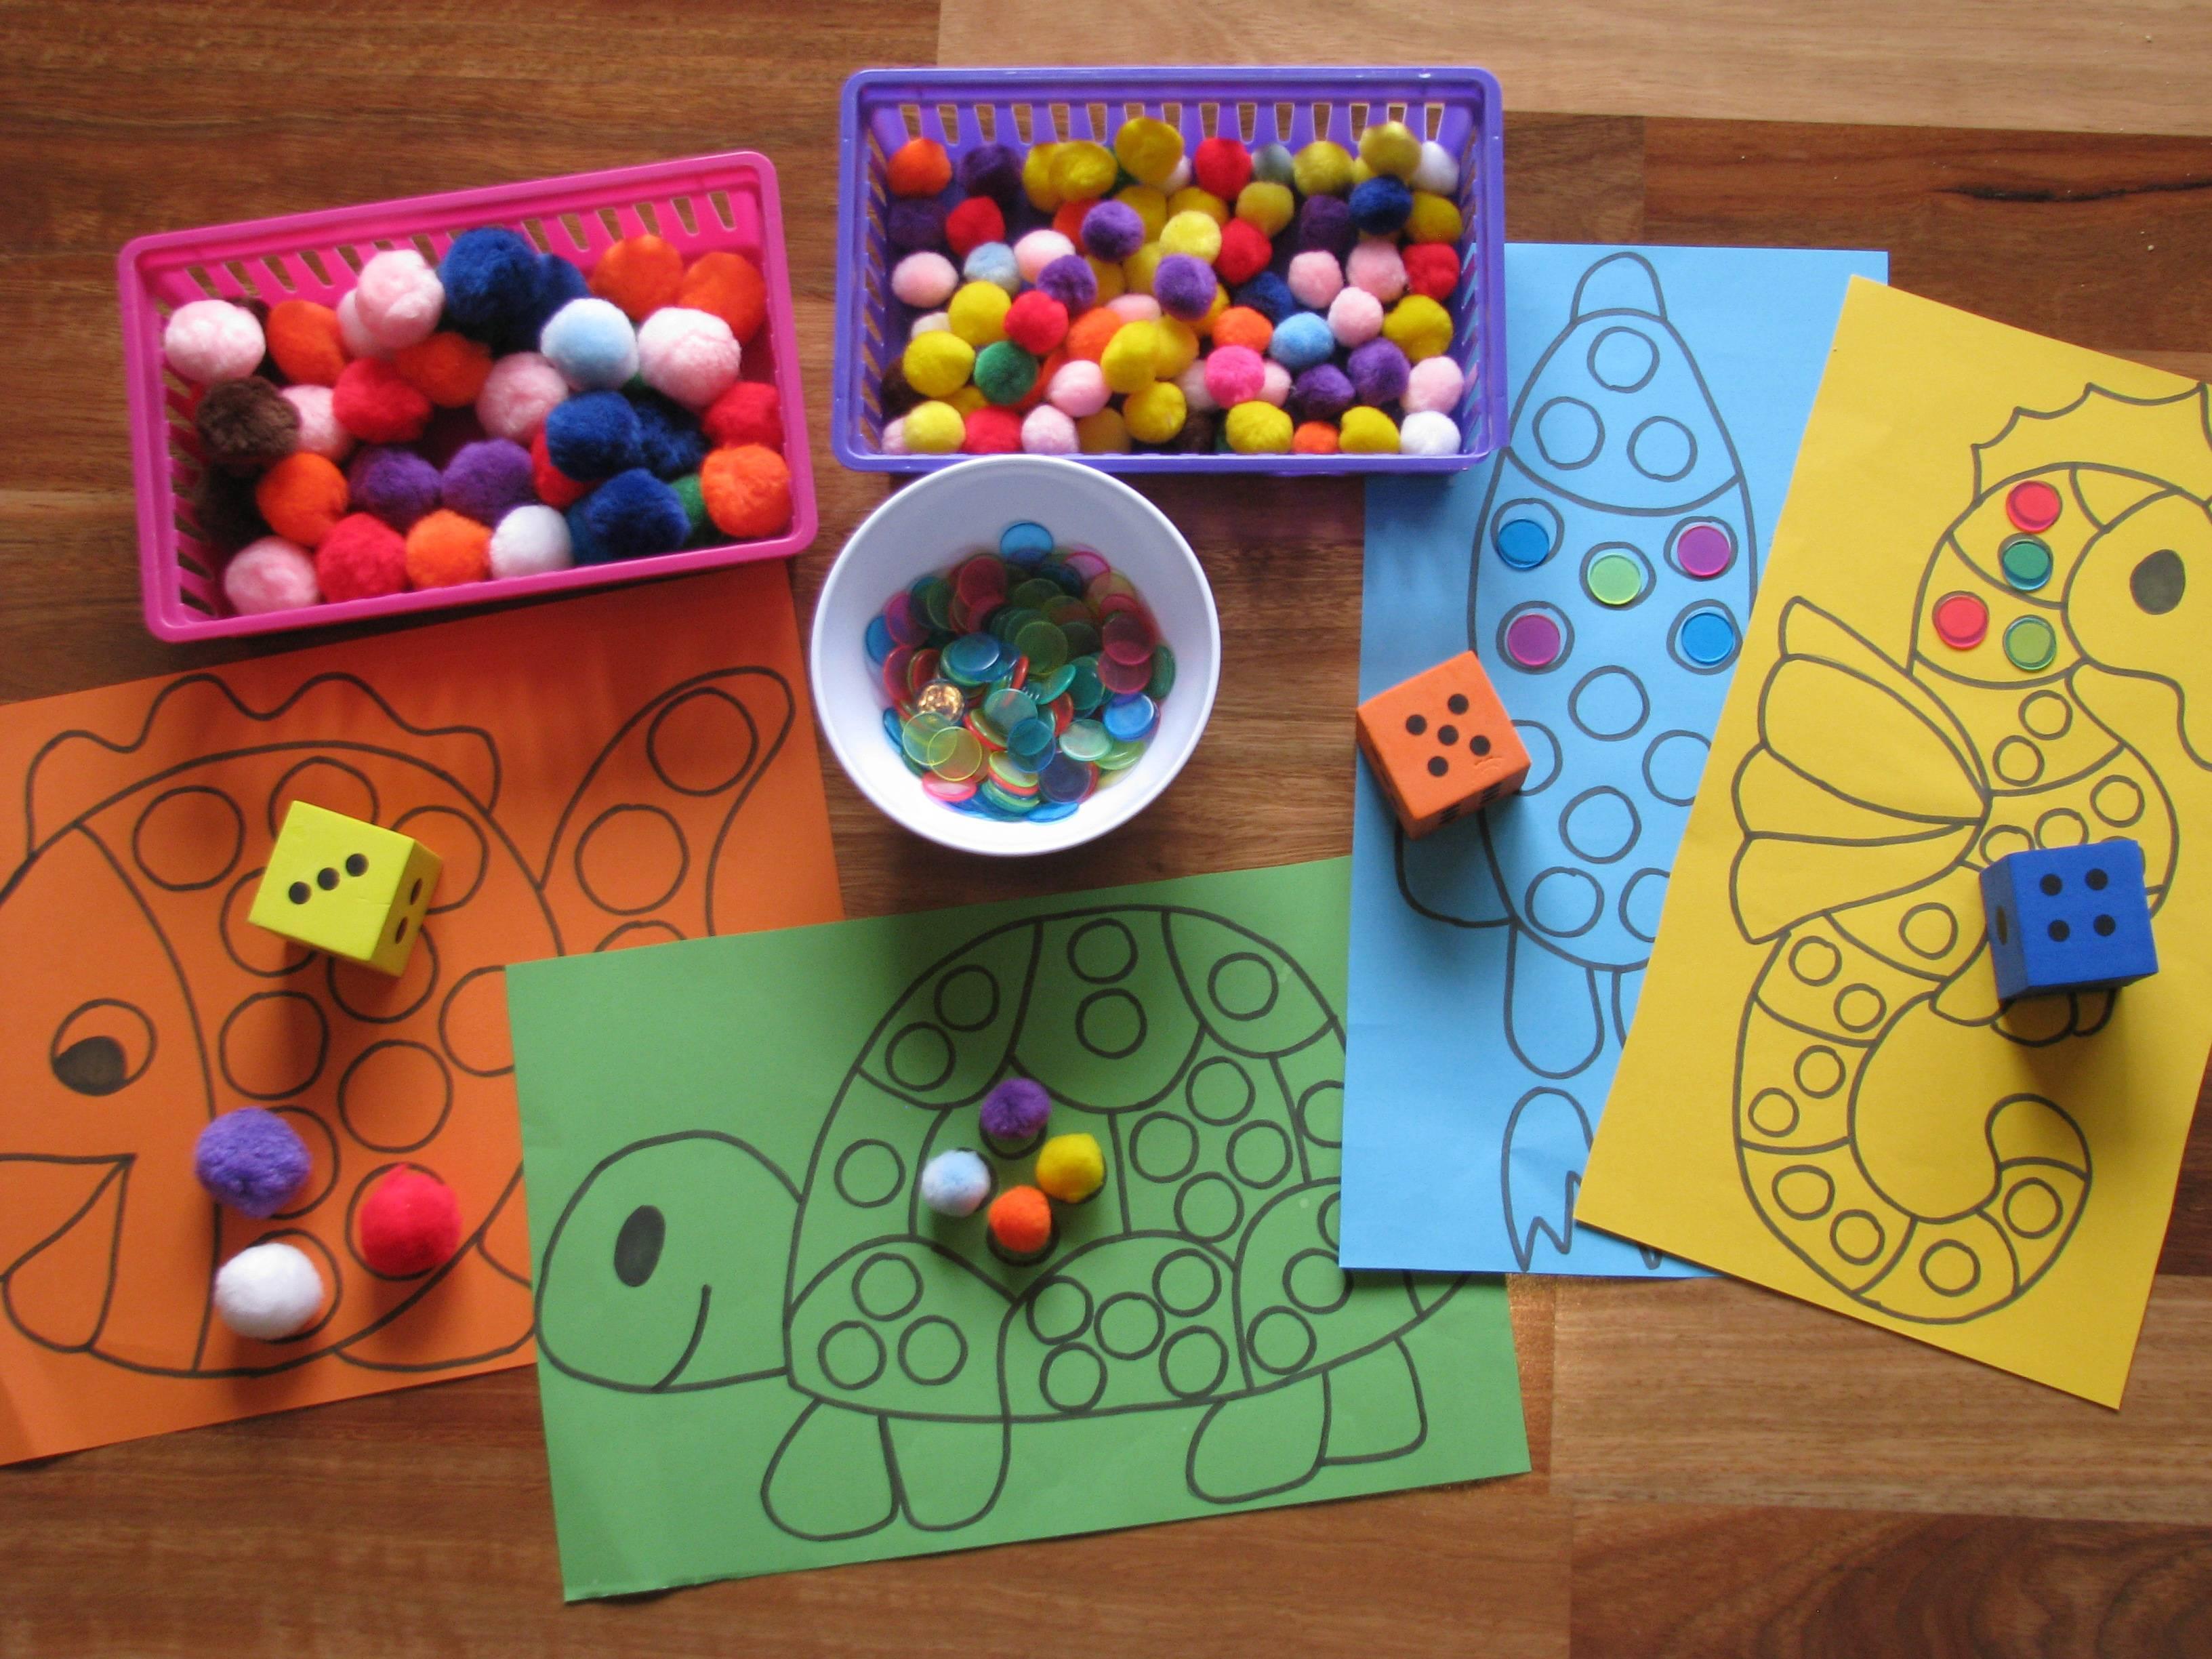 Развивающие и другие игры для мальчиков и девочек 2-3 лет, изготовление поделок детьми своими руками